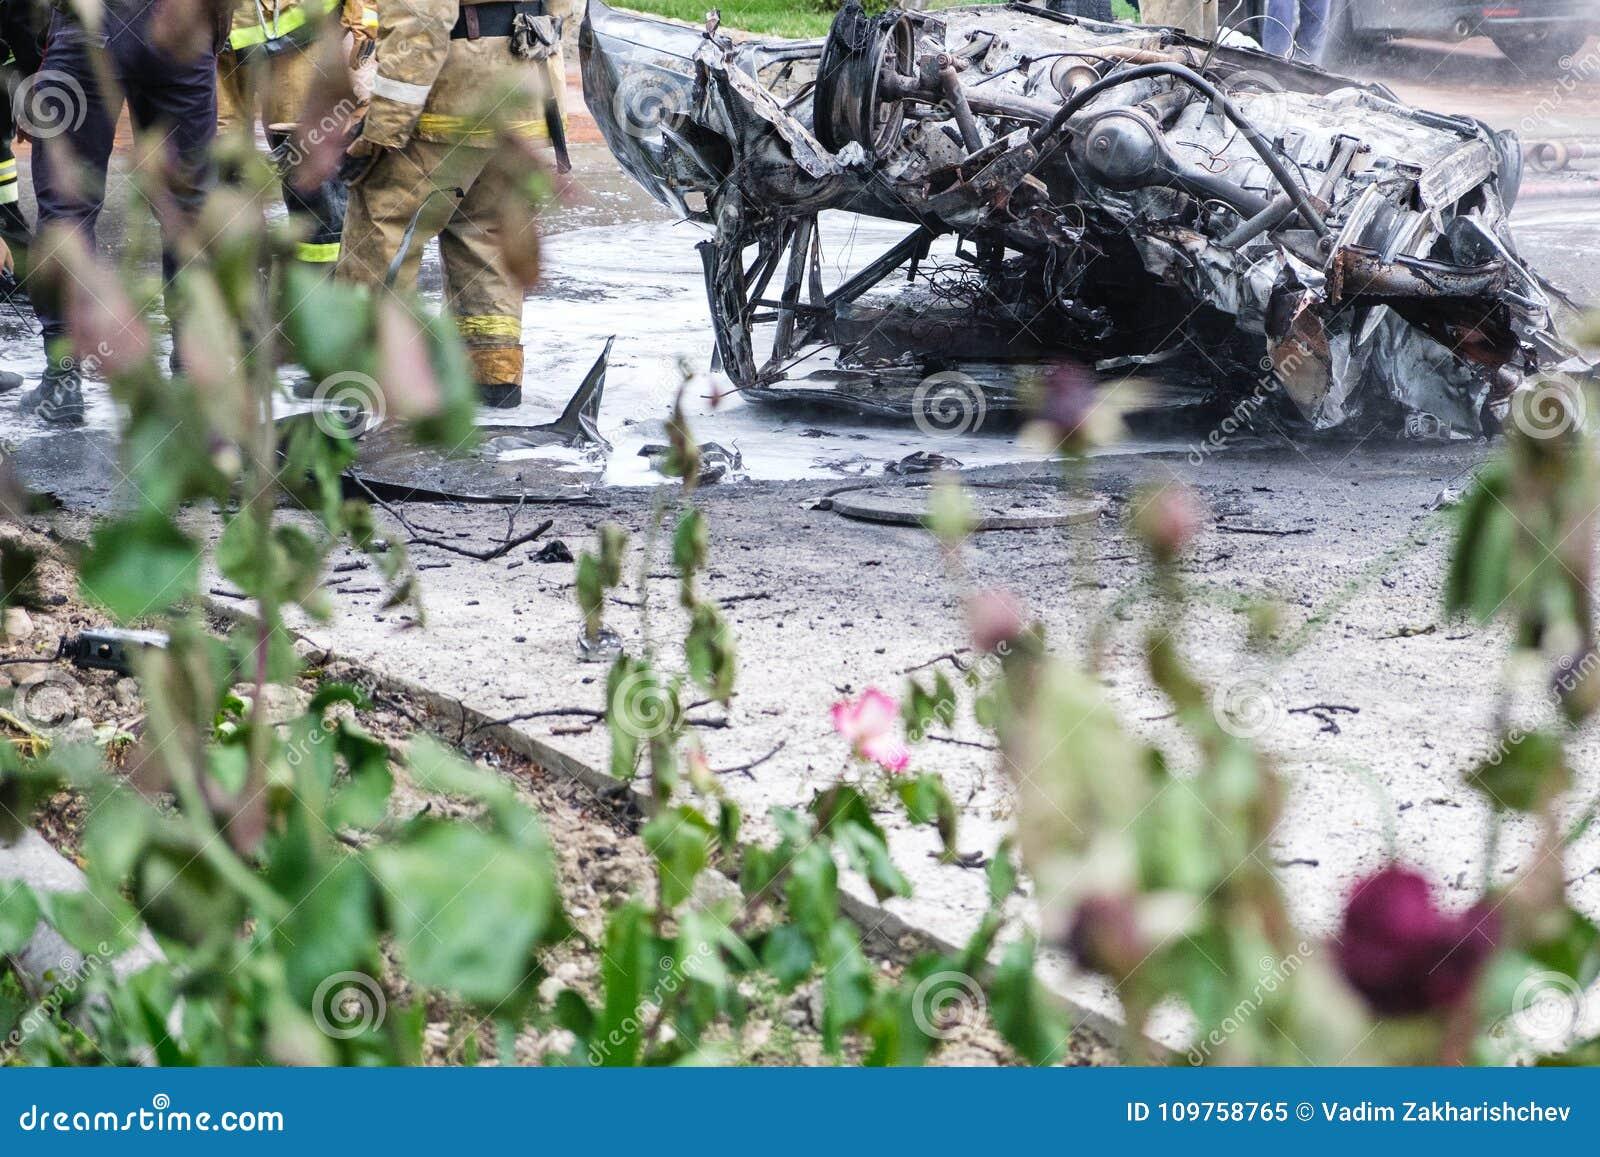 Voiture brûlée après un accident sur la route Sapeurs-pompiers se tenant tout près Photo de reportage